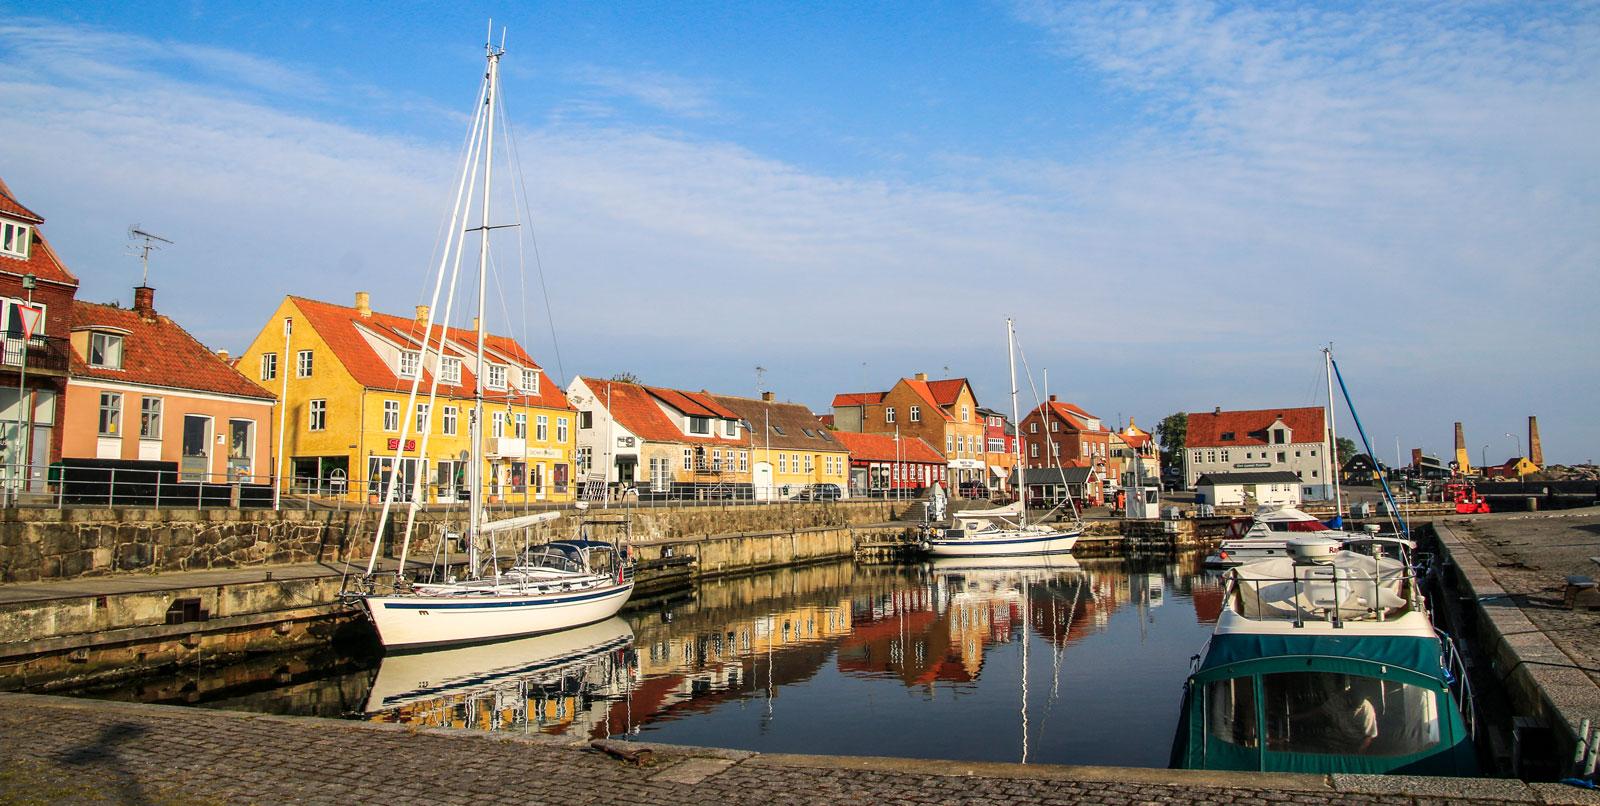 Allinge är ett gammalt fiskeläge som lockar många turister under sommaren. Passa på att strosa längs hamnen under besöket.